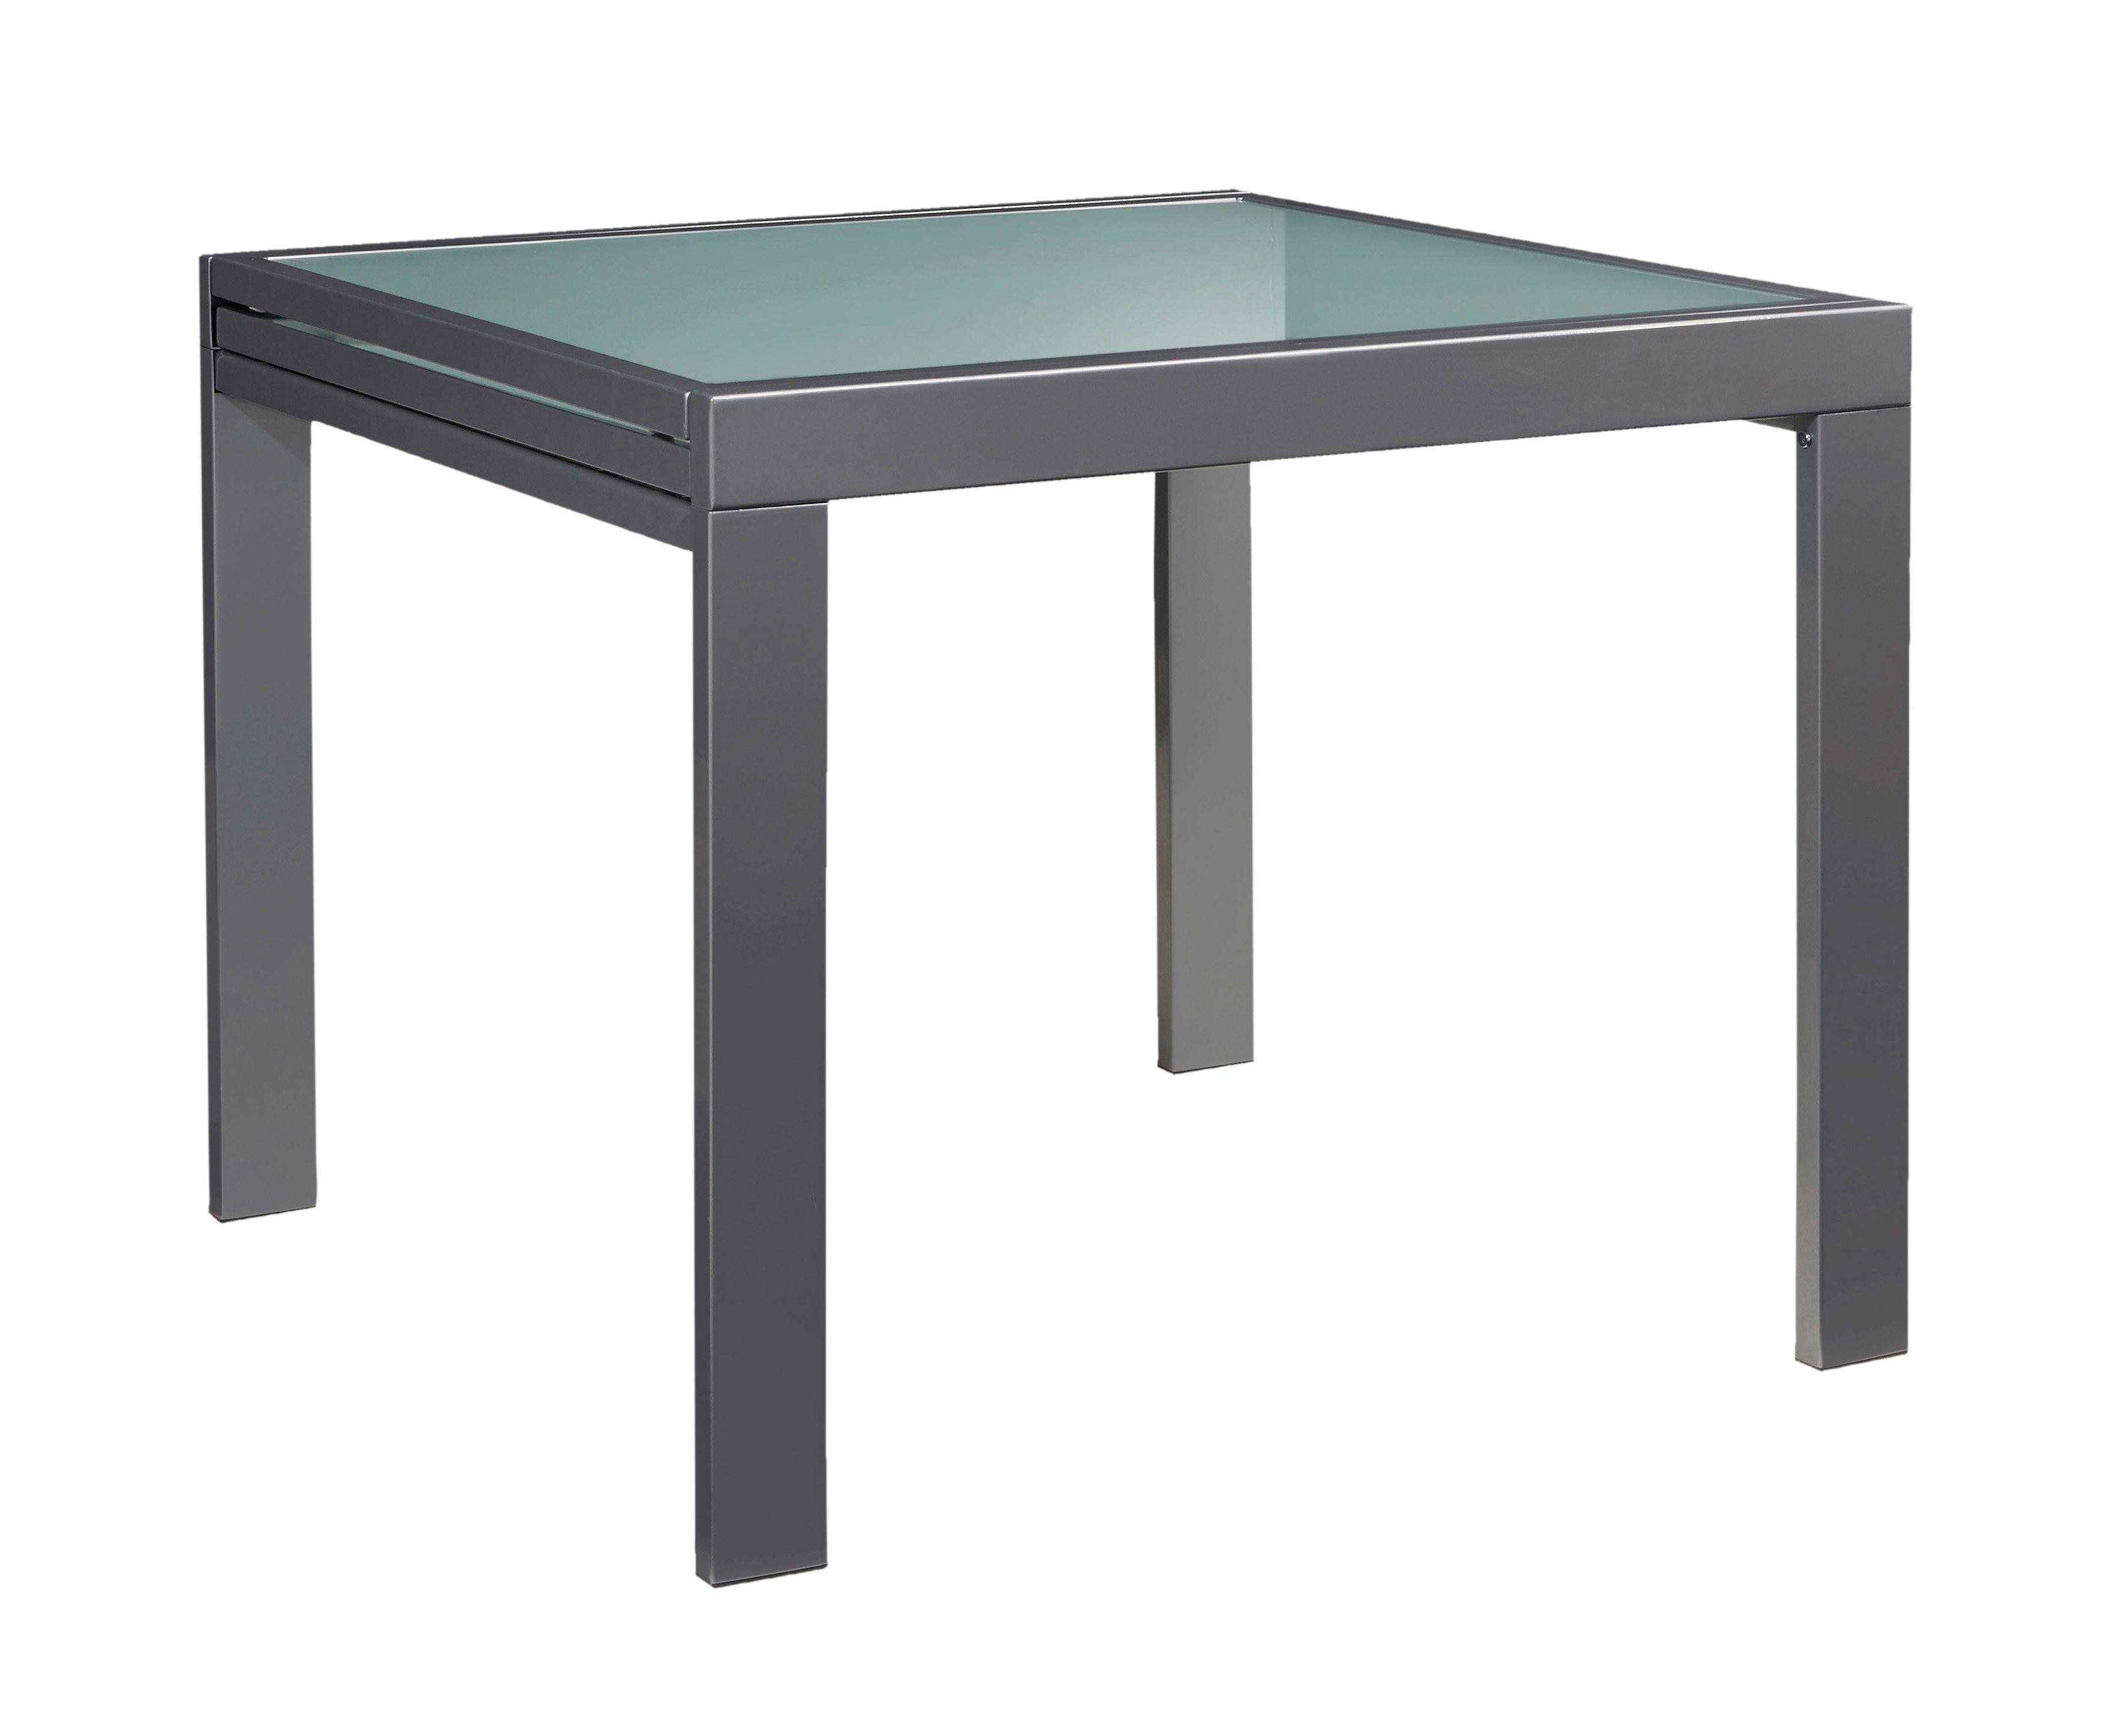 Tisch grau, Breite 90180cm, yourhome Jetzt bestellen